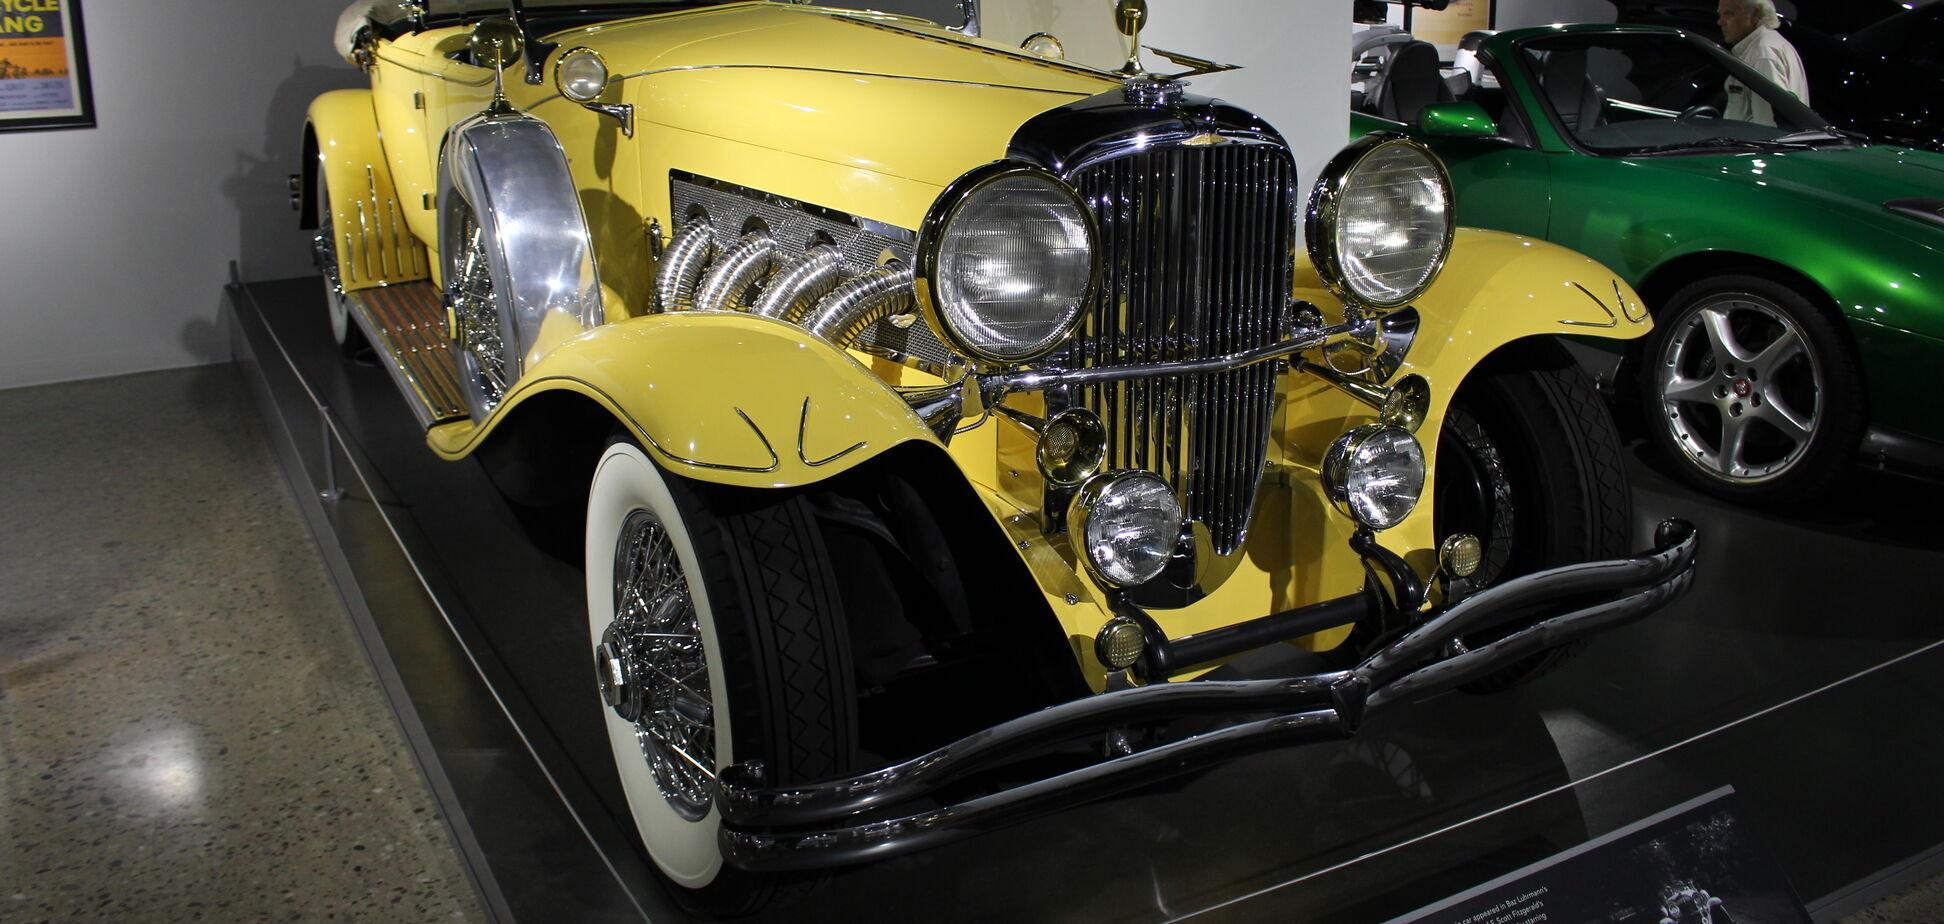 Карантин не помеха! Посетите 15 автомобильных музеев, не выходя из дома